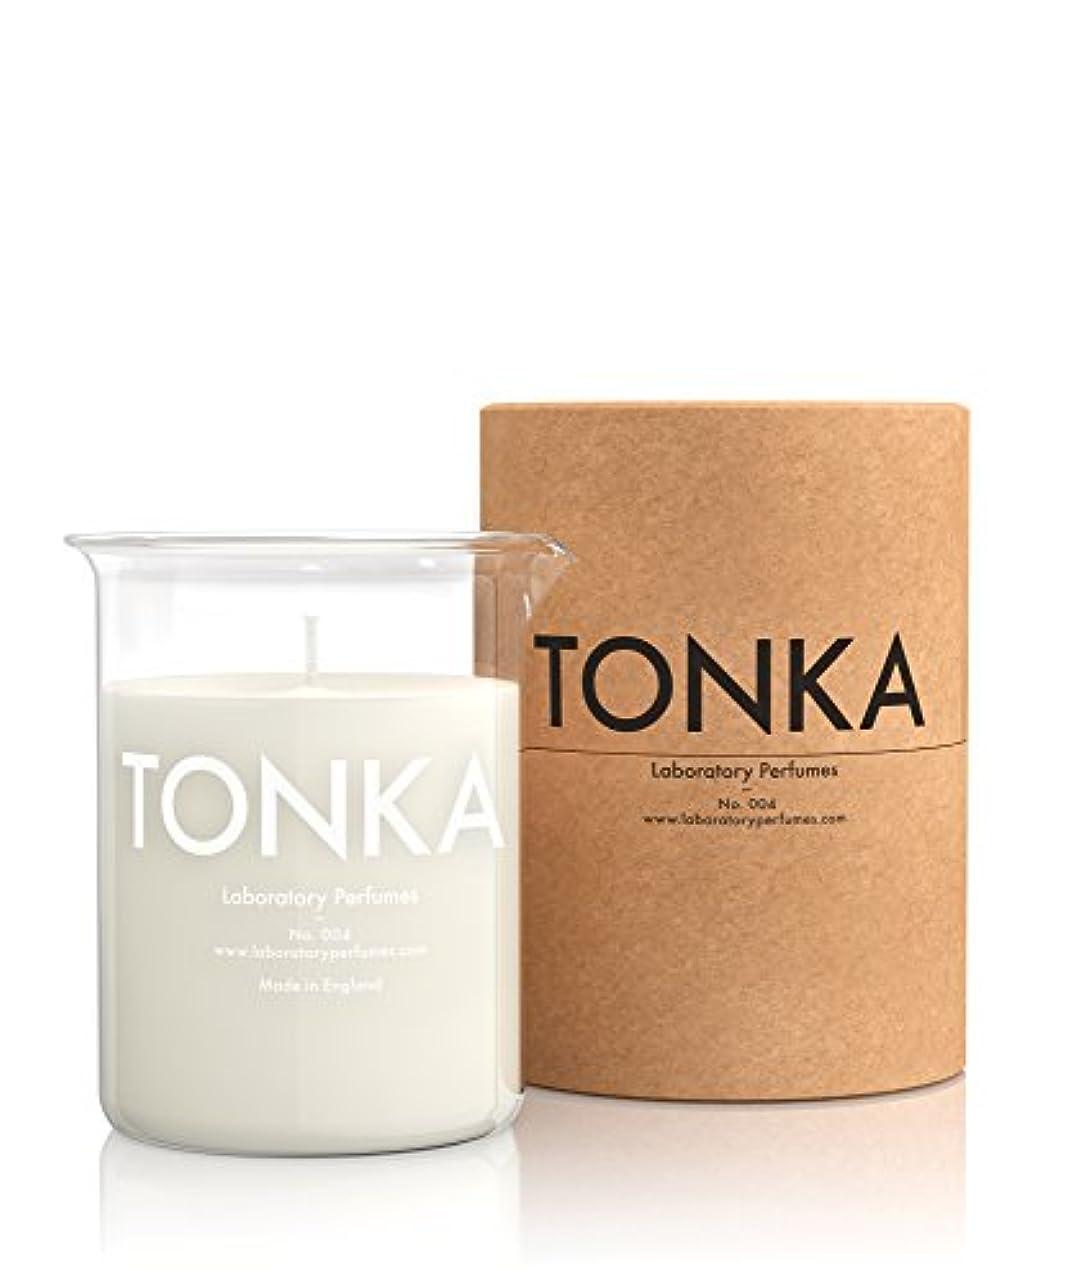 欺疲れた同級生Labortory Perfumes キャンドル トンカ Tonka (アロマティックオリエンタル Aromatic Oriental) Candle ラボラトリー パフューム